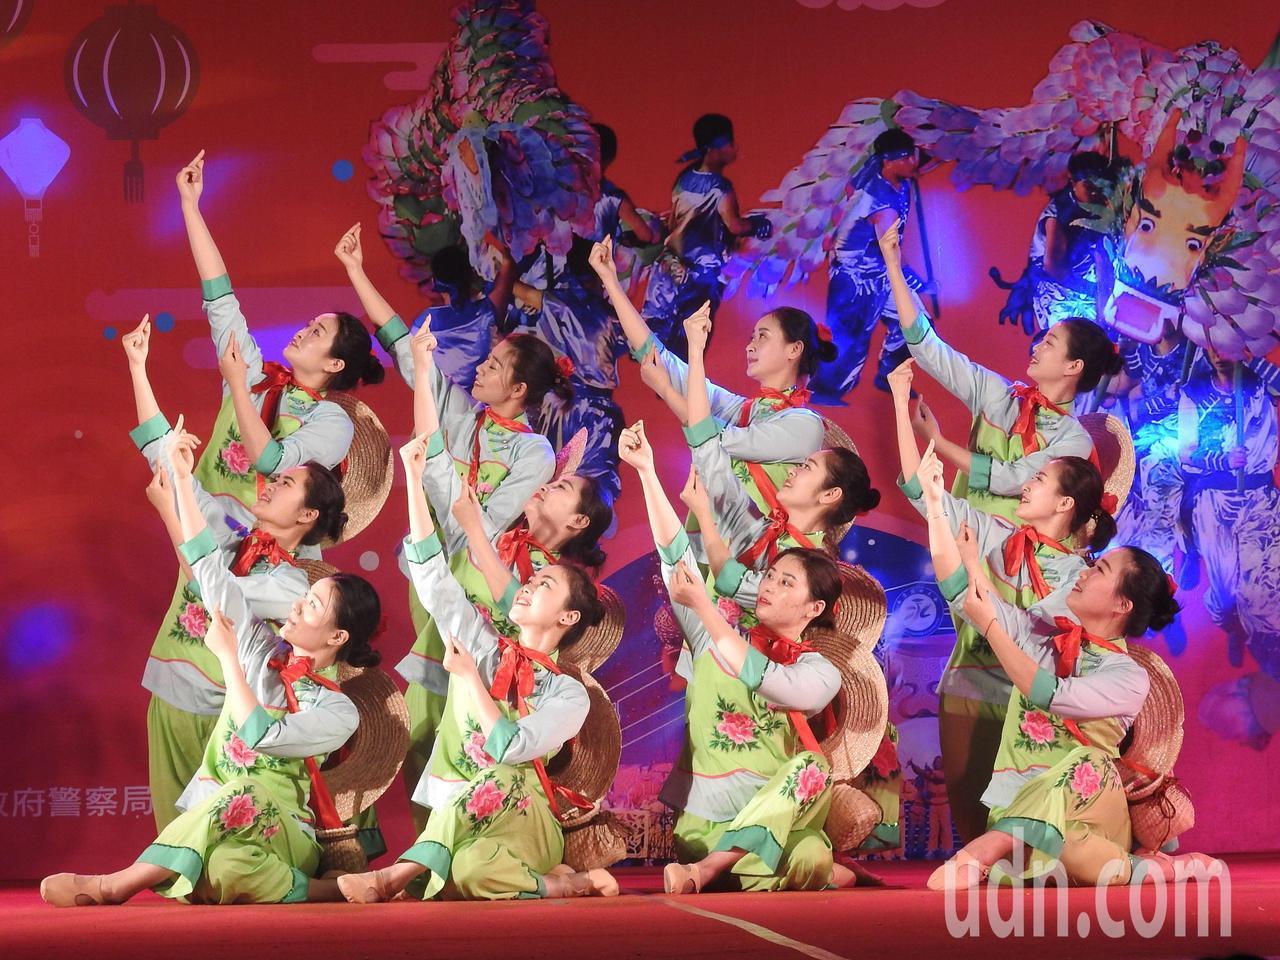 詩畫浙江燈彩藝術表演涵蓋多元,除長興百葉龍、永康九獅圖,還有「群舞」採茶舞等演出...